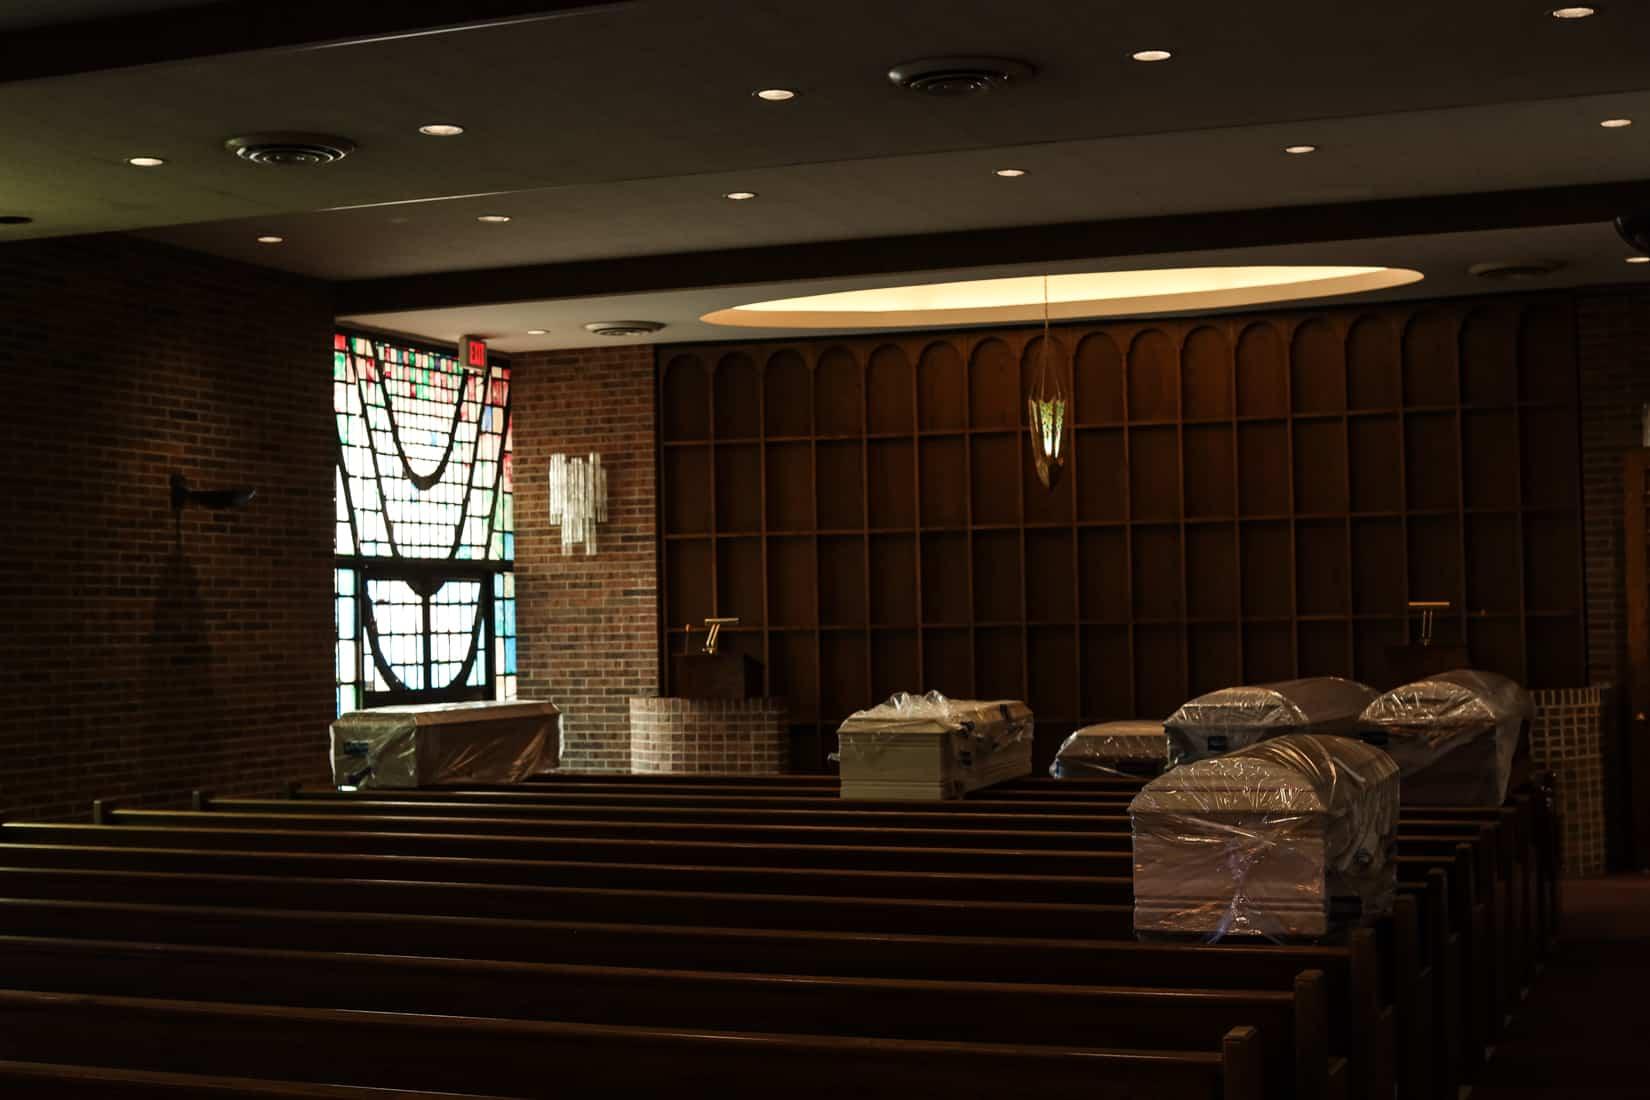 המתים מקורונה ממתינם לקבורה. ארונות הקבורה מונחים בחלל התפילה המרכזי בבית הלוויות גוטרמן, לפני שהם נישאים למקום קבורת העולמים שלהם, בבית הקברות. וודברי, ניו יורק. מאי, 2020 (צילום: Jonathan Alpeyrie/Polaris Images)